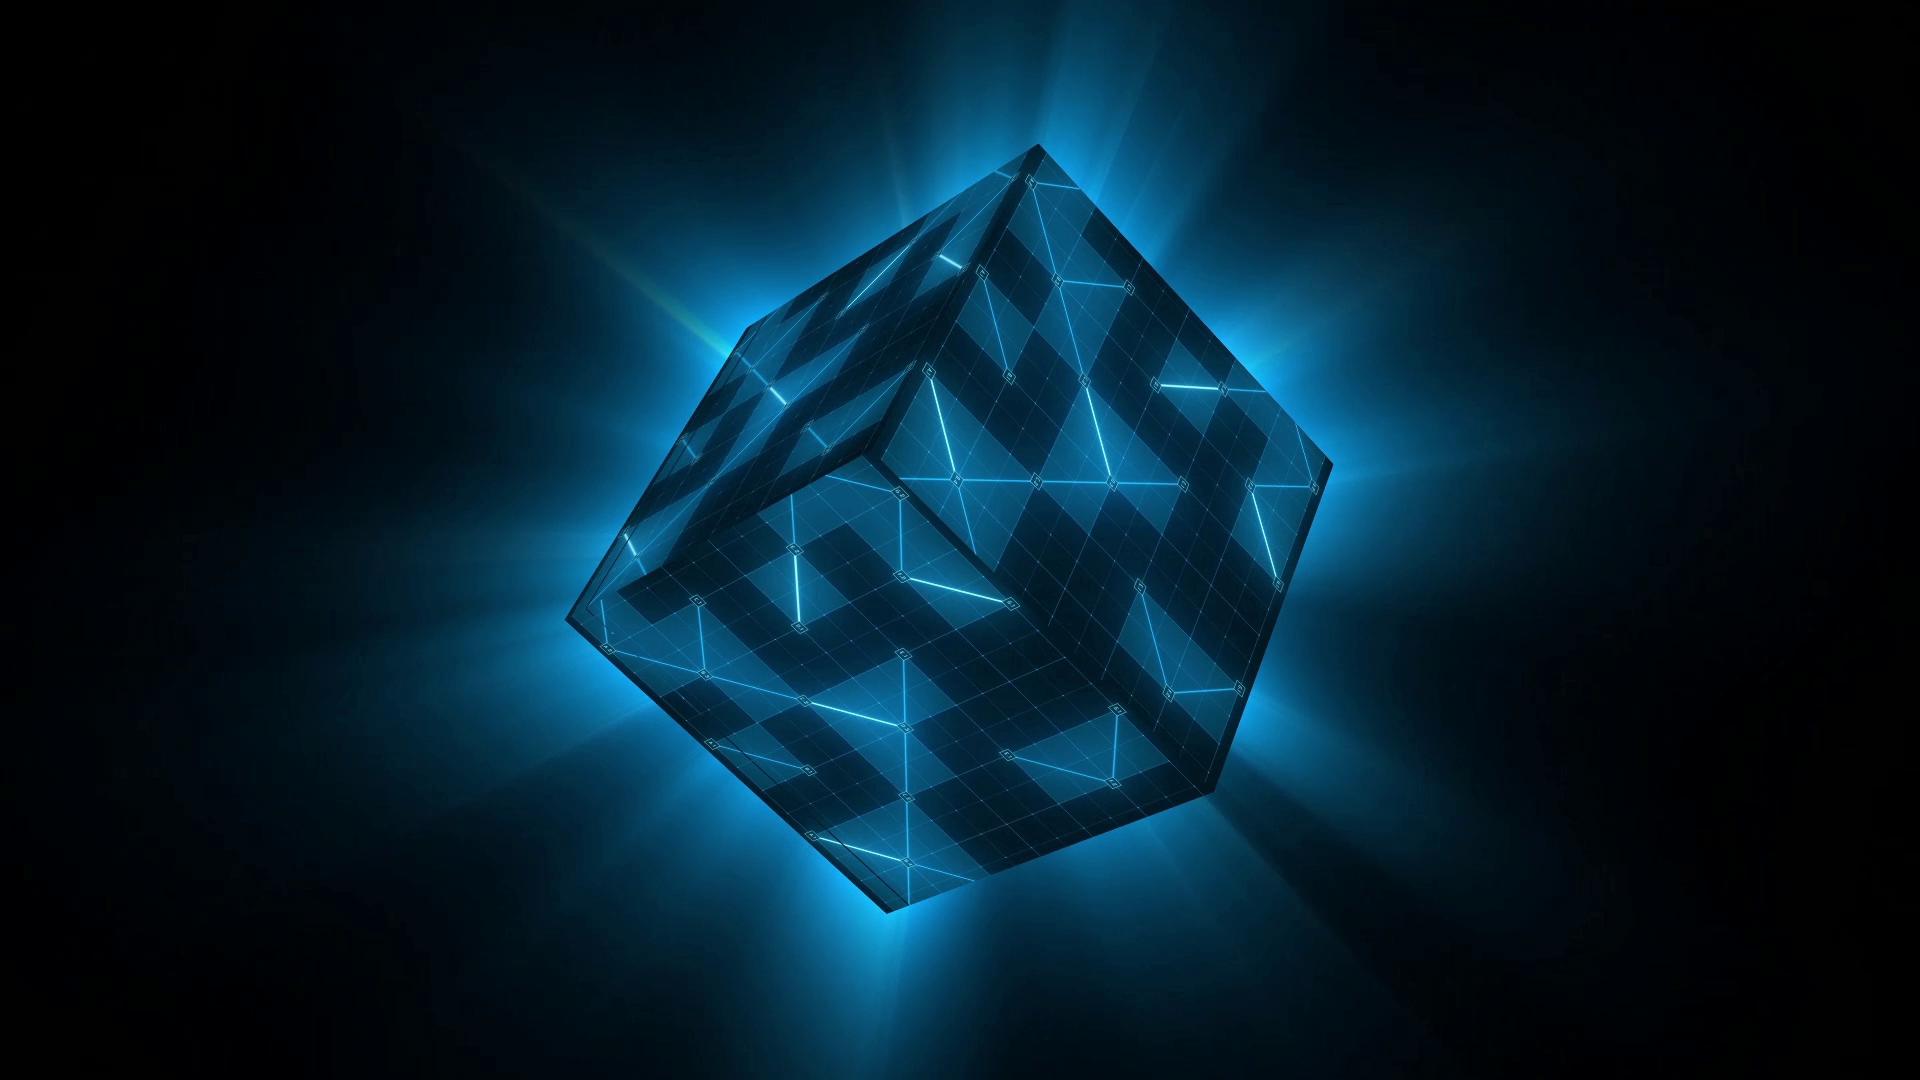 cubo, Figura, geometria, rotação, halos - Papéis de parede HD - Professor-falken.com